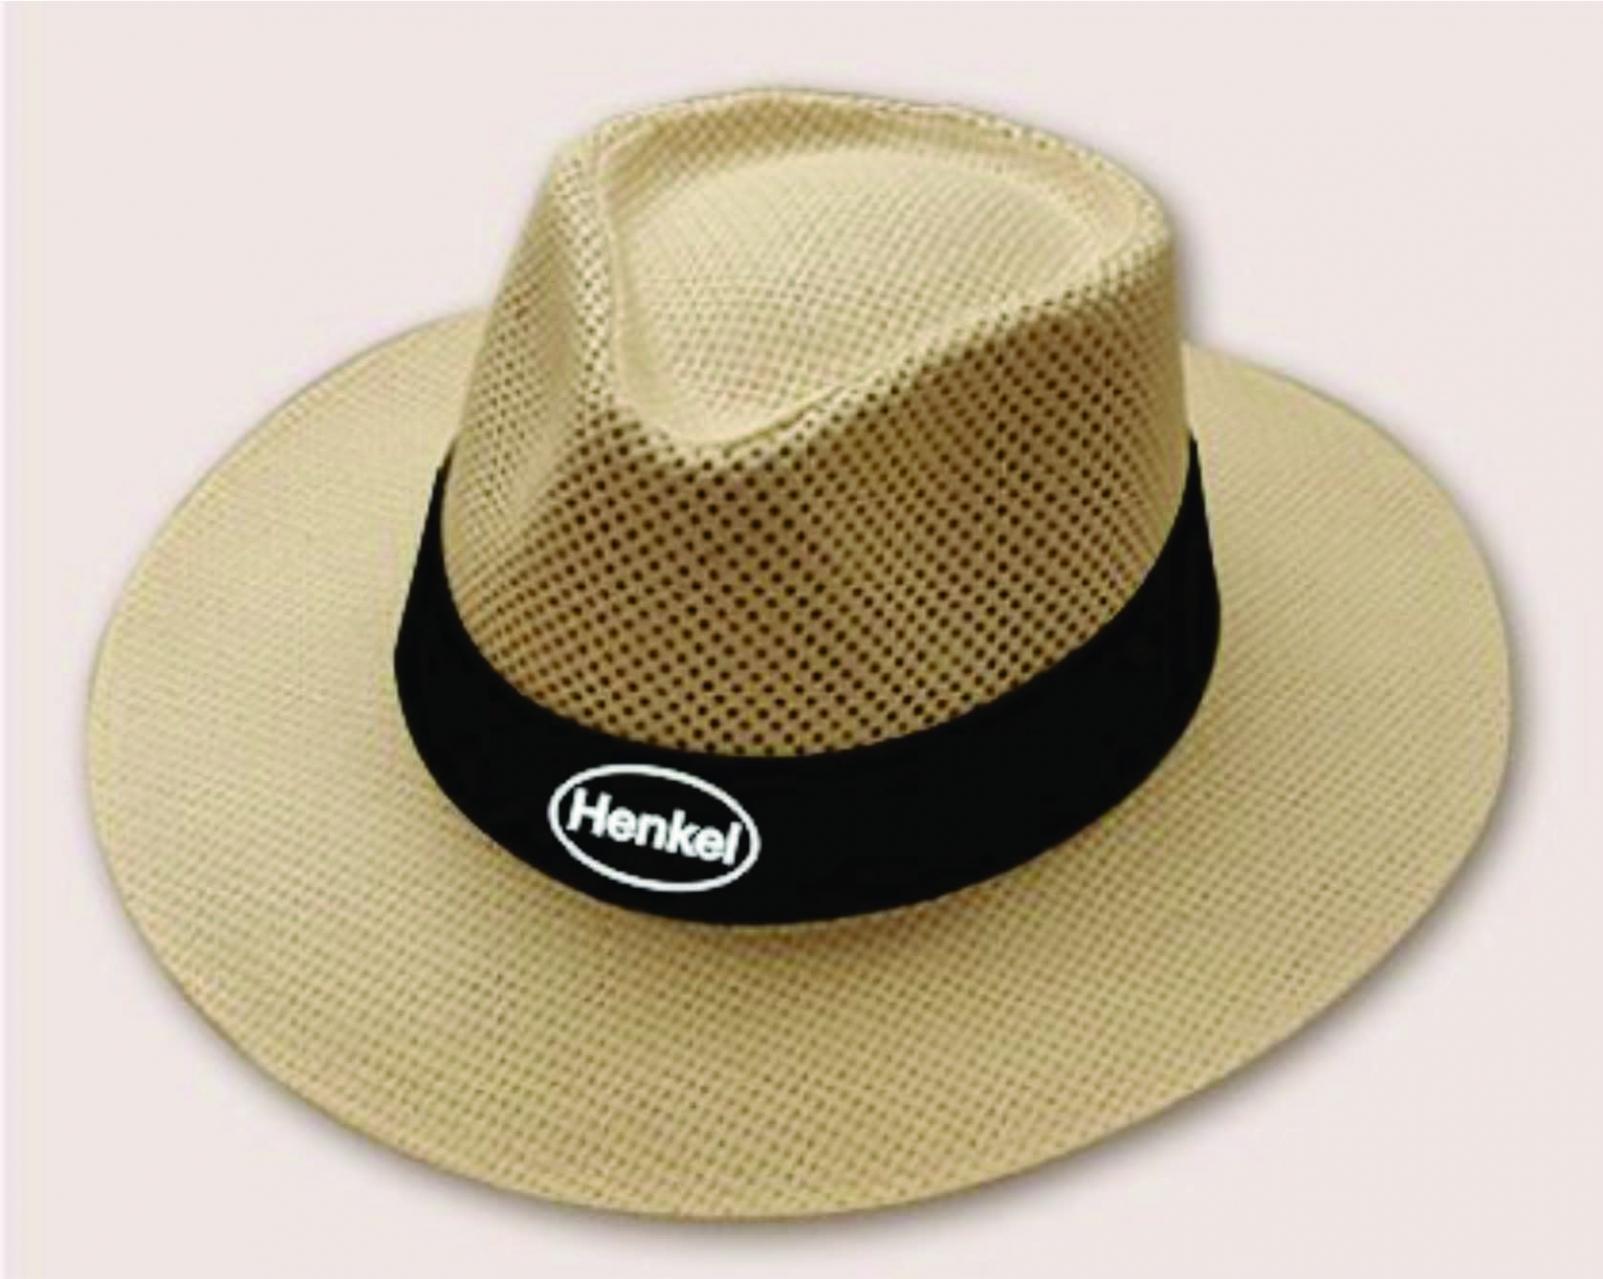 Sombrero_Henkel